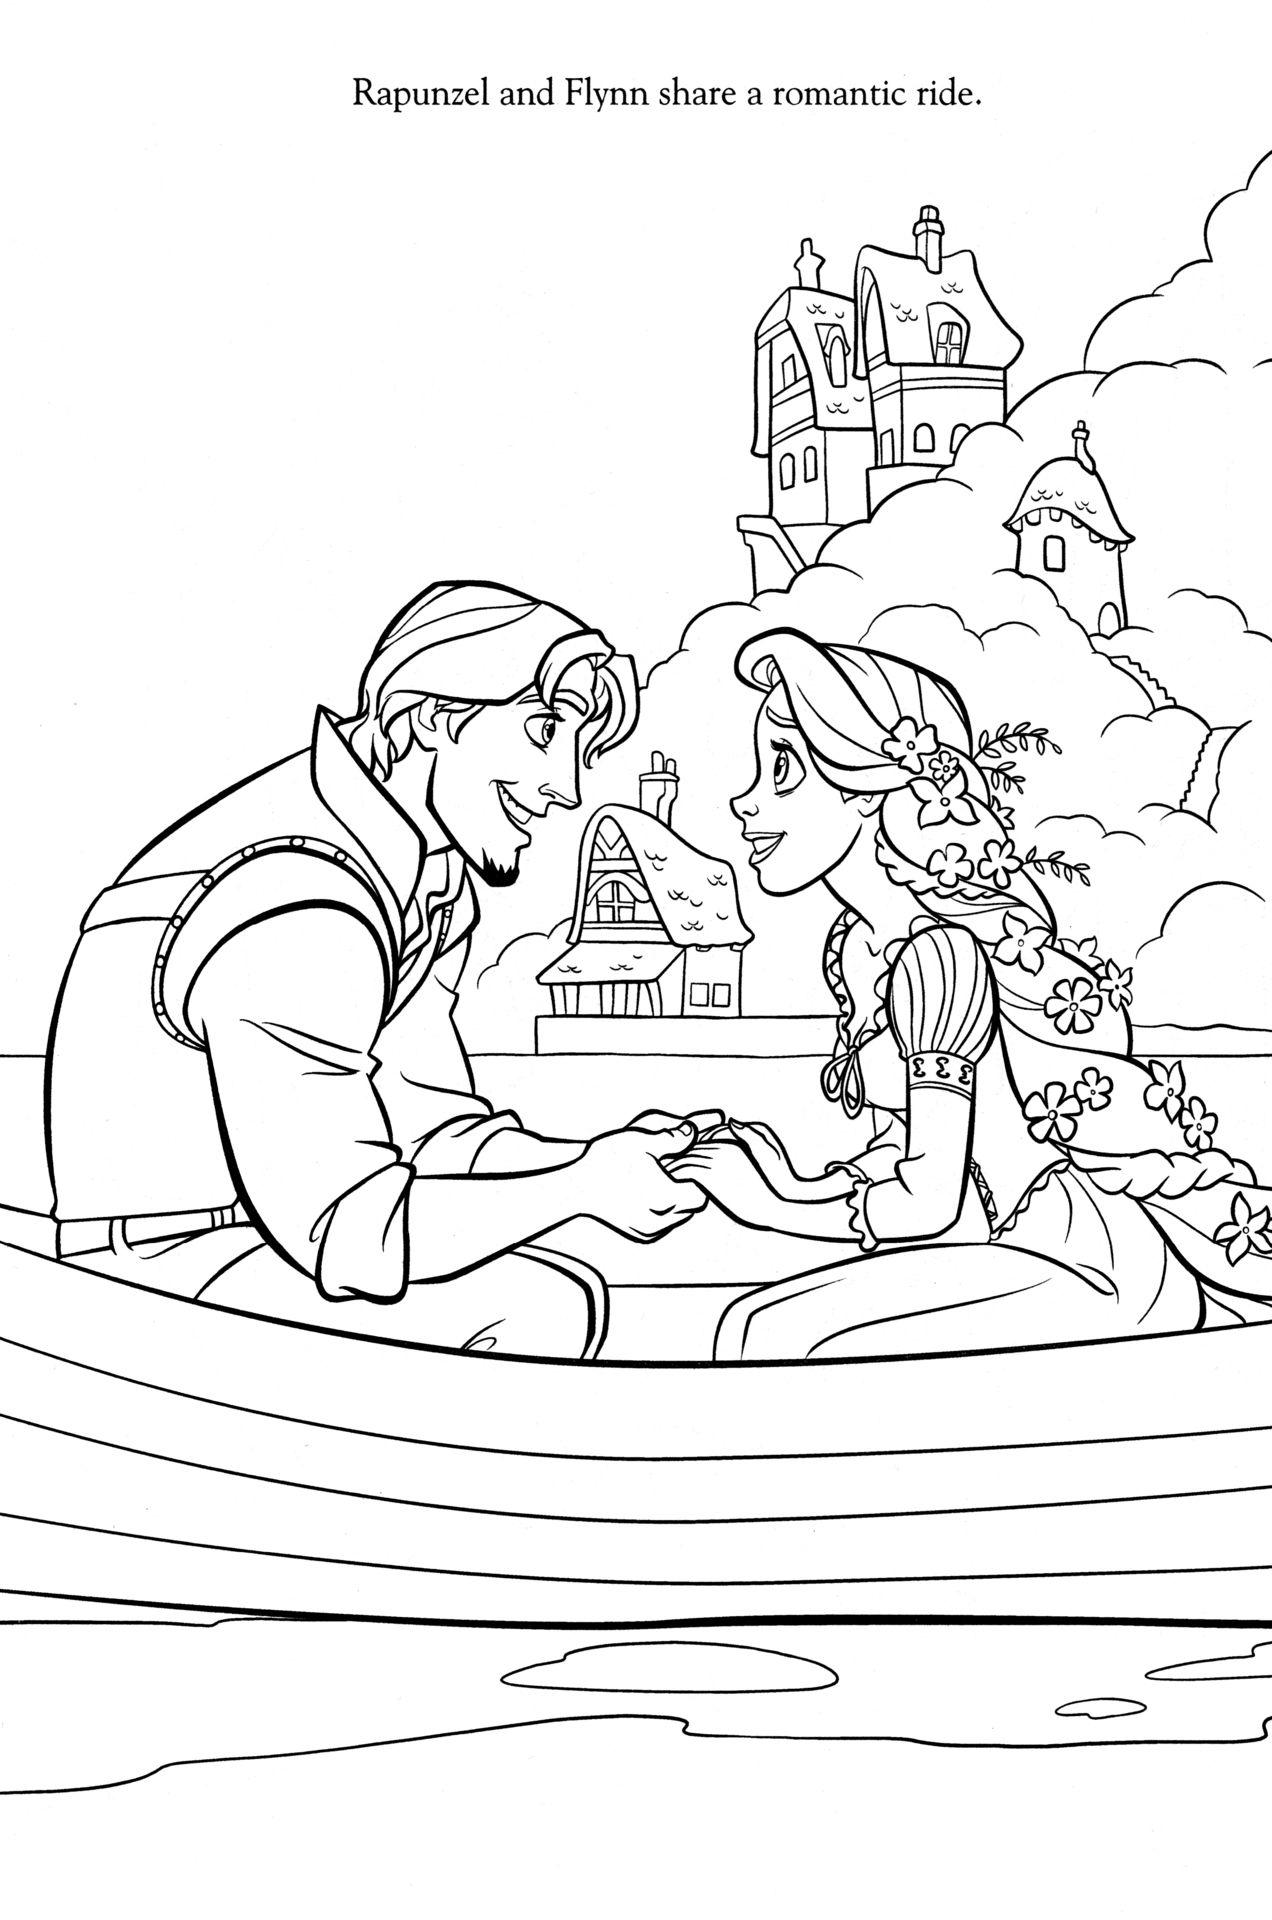 Épinglé par Cj Daniels sur Disney Coloring Pages  Coloriage